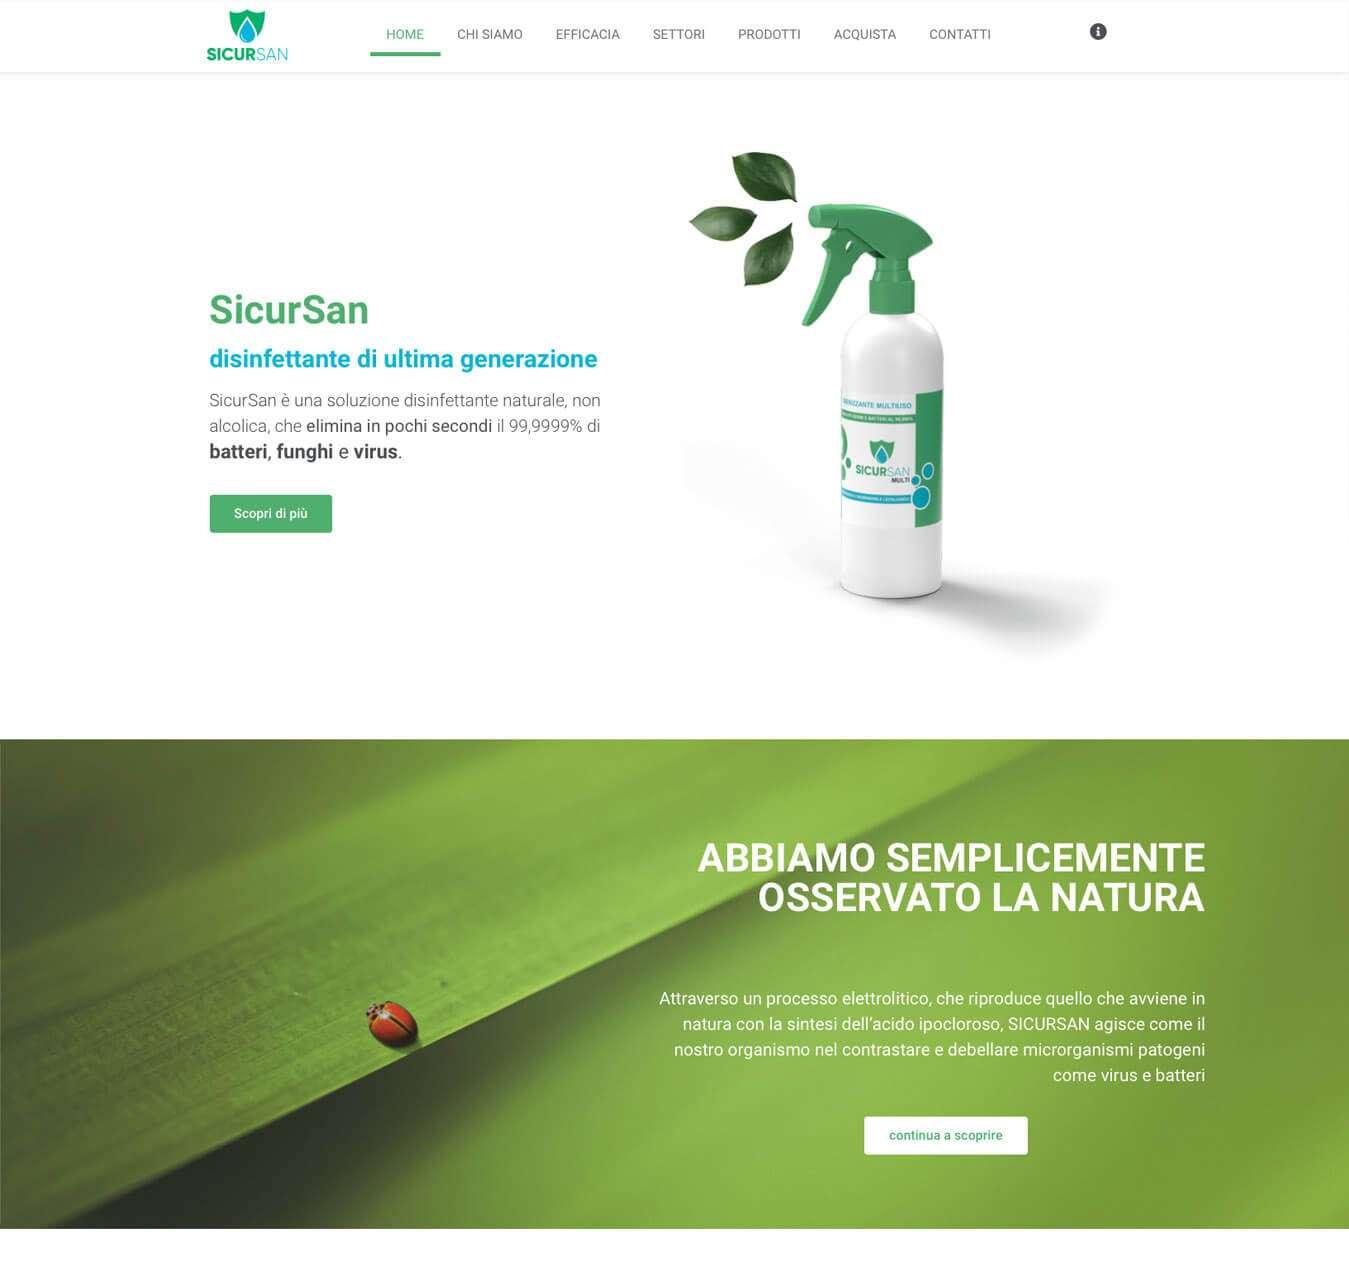 disinfettante acido ipocloroso sicursan Kirkmayer italia Asti Essetre sito e-commerce